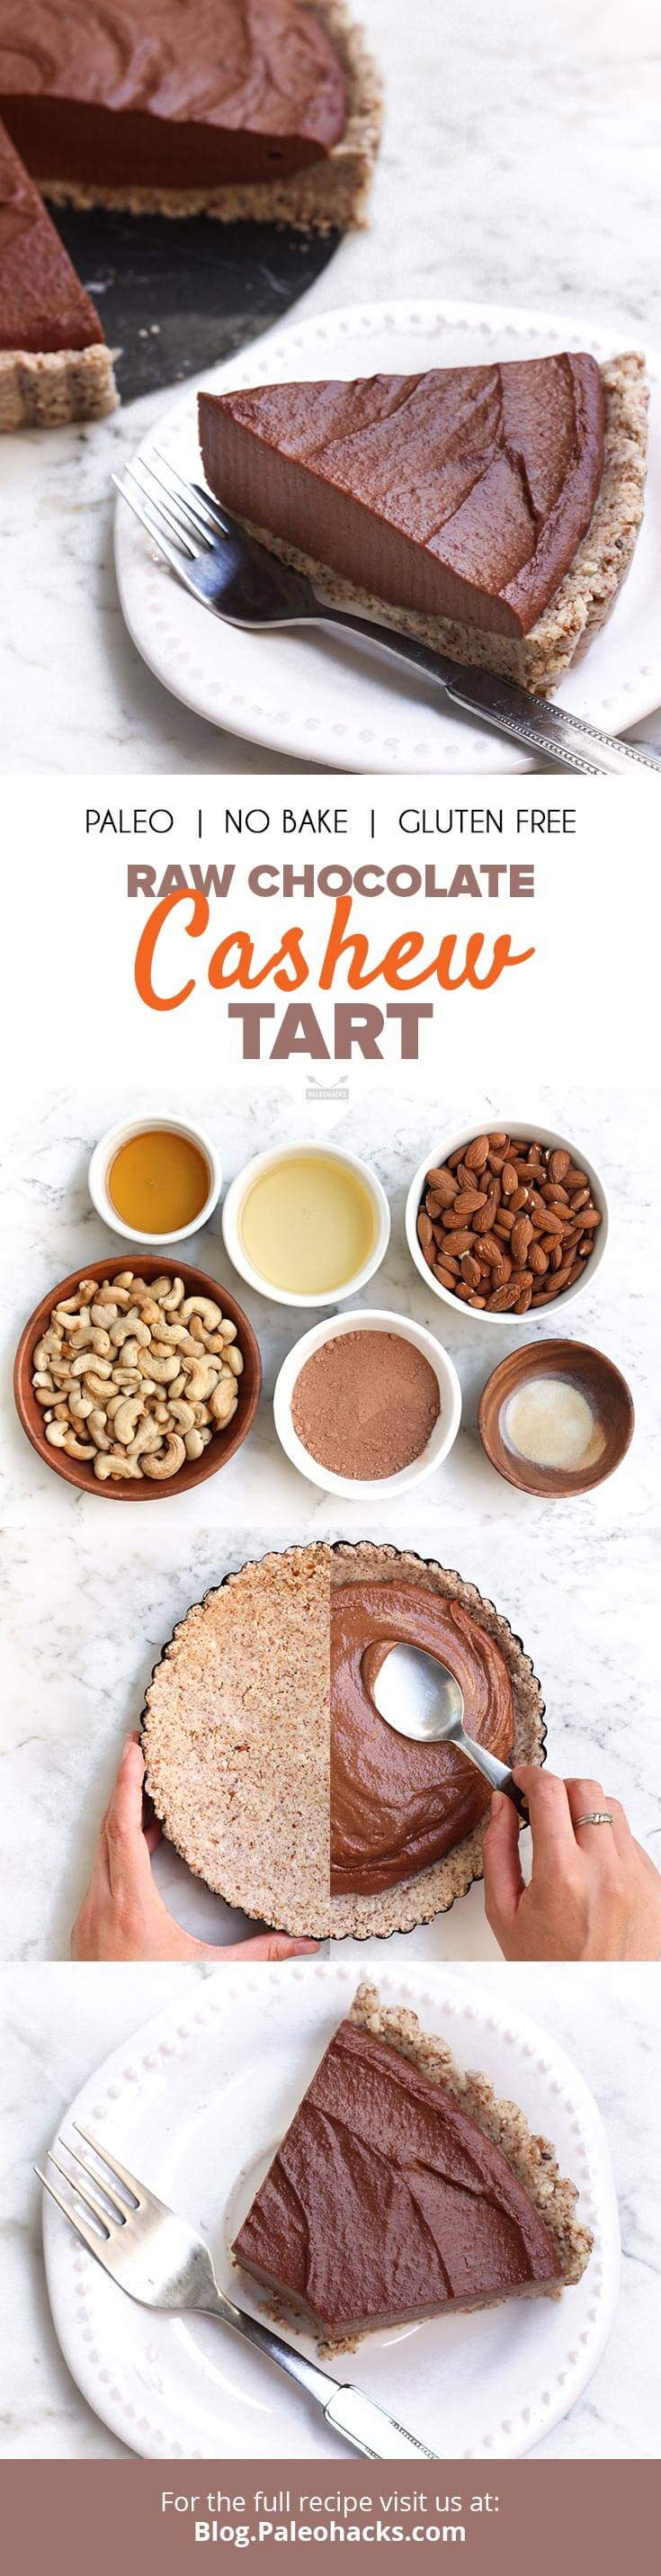 Raw Chocolate Cashew Tart Recipe | Paleo, No Bake